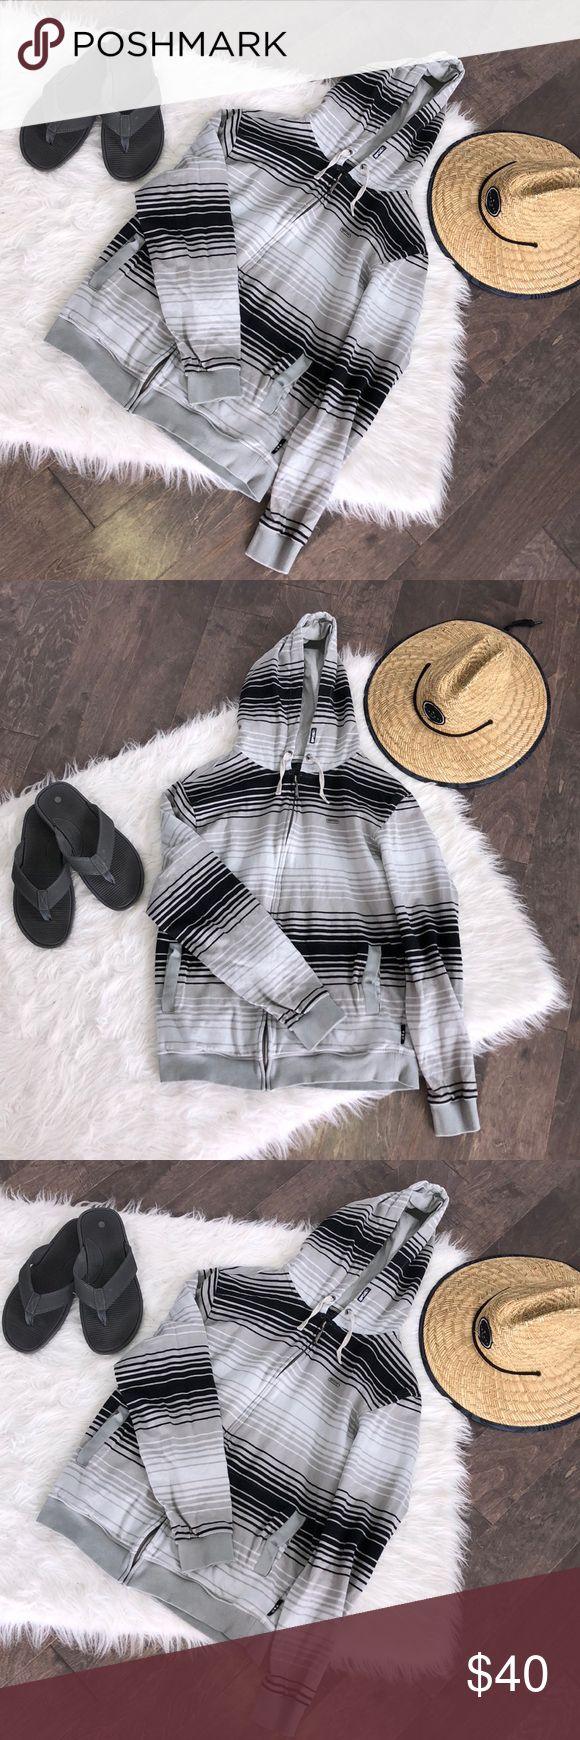 Ripcurl Striped Zip Up Hoodie Ripcurl Striped Zip Up Hoodie Ripcurl Shirts Sweatshirts & Hoodies